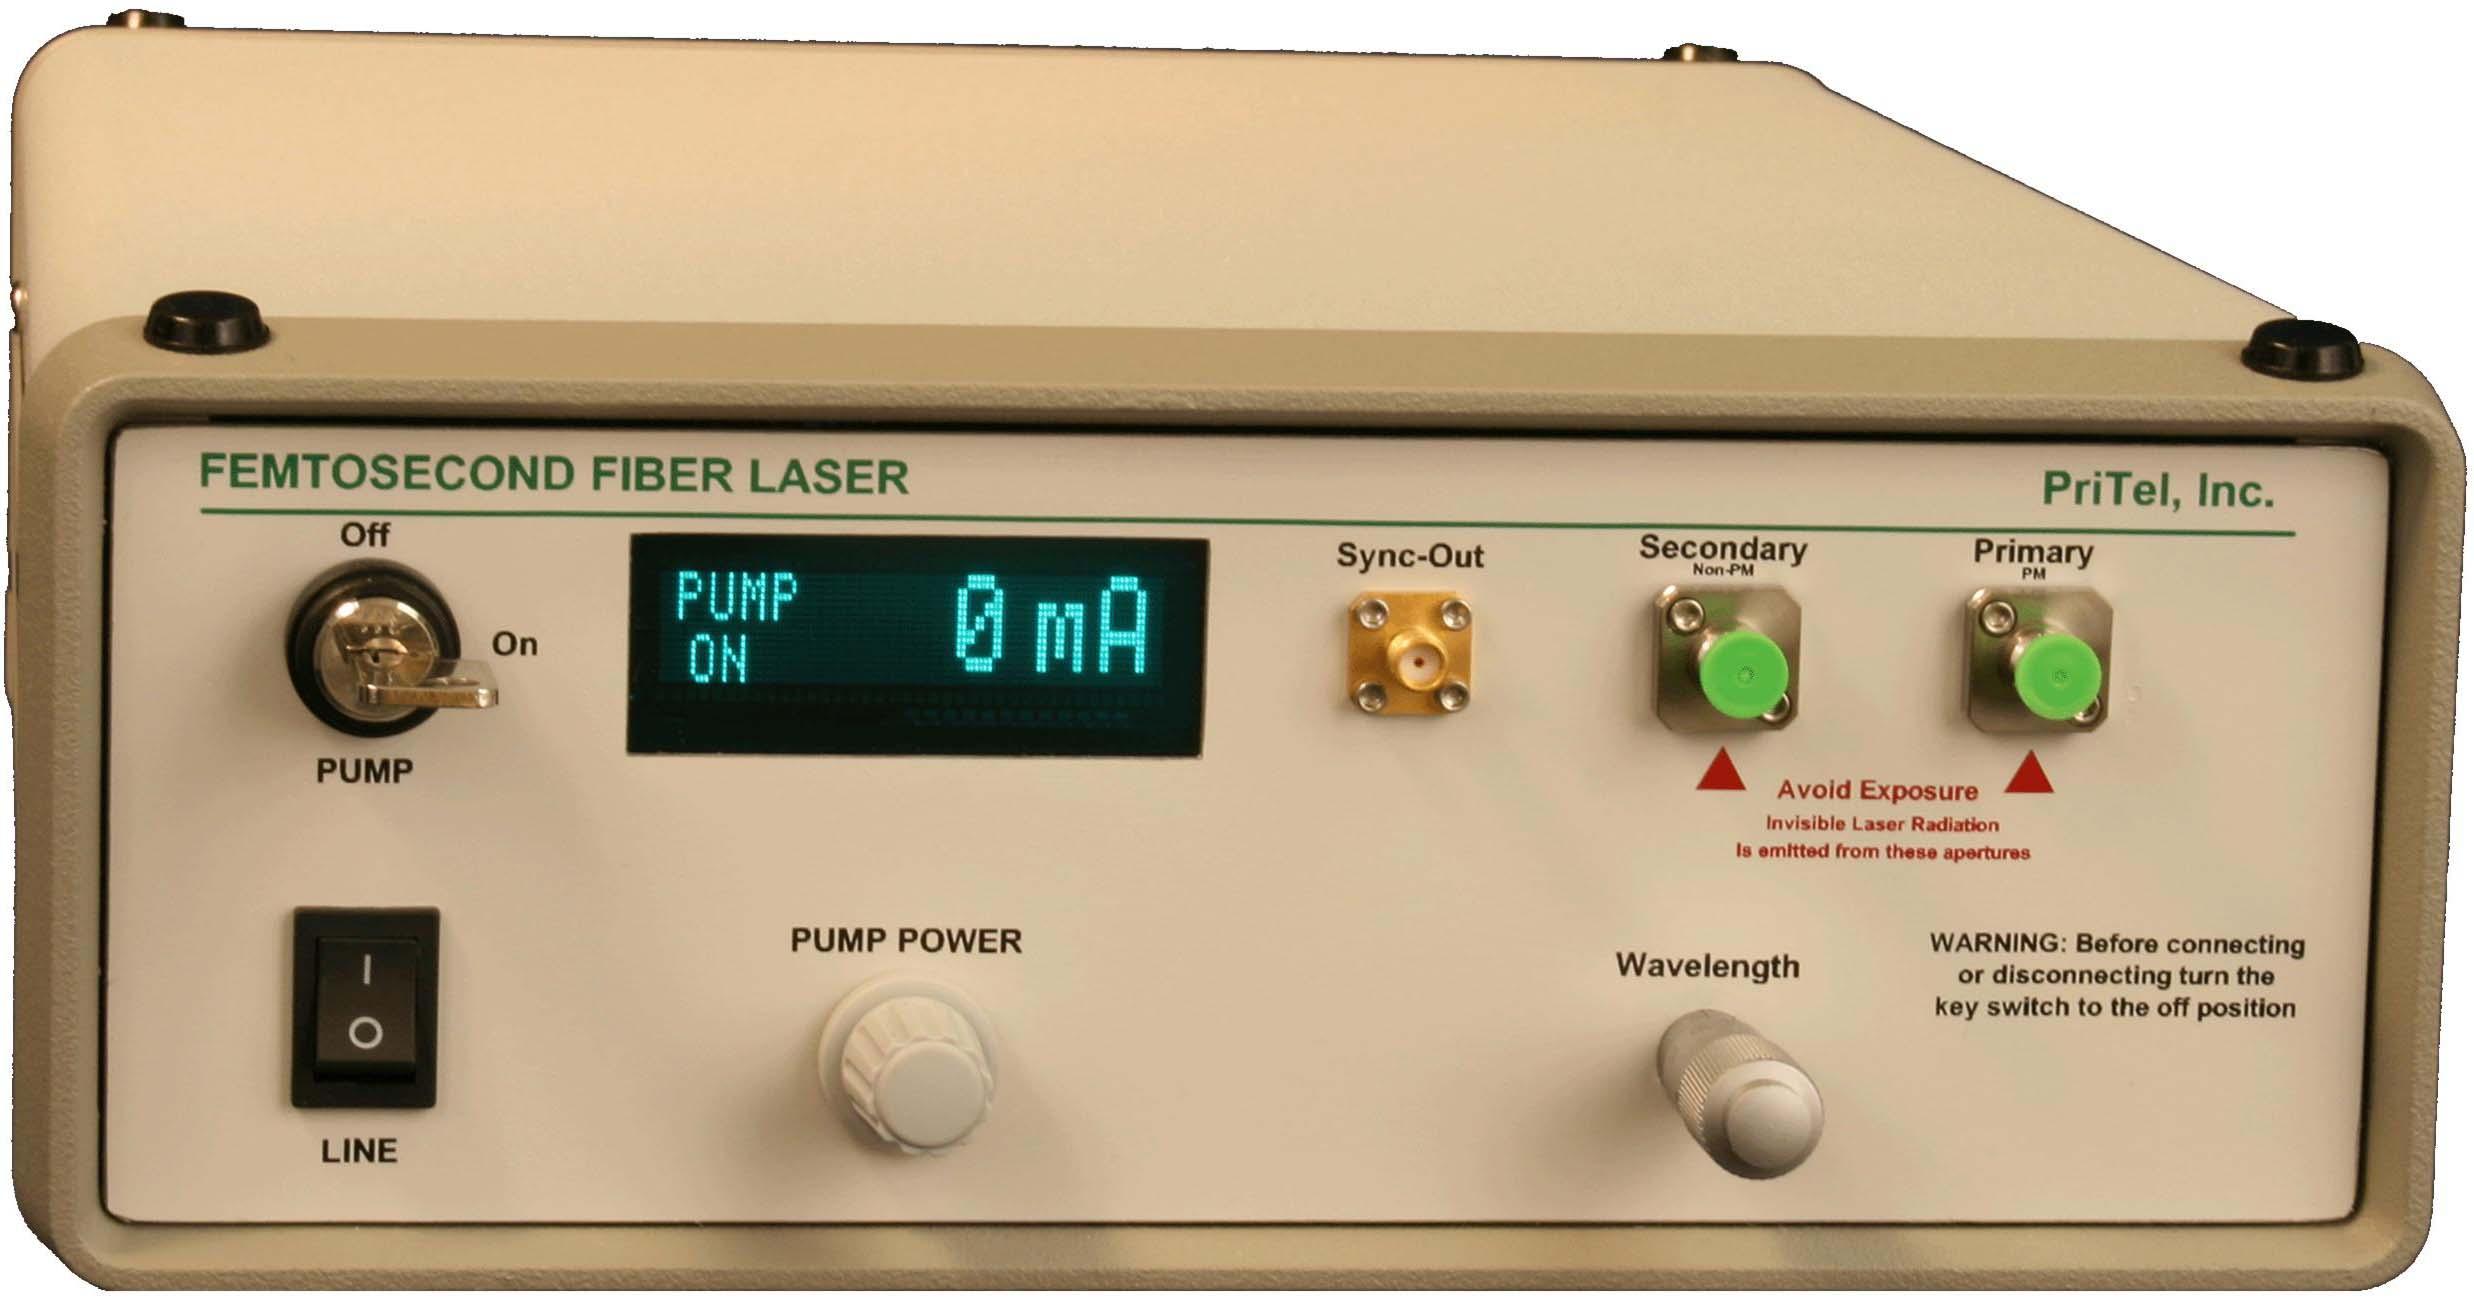 1550nm Femtosecond Fiber Lasers